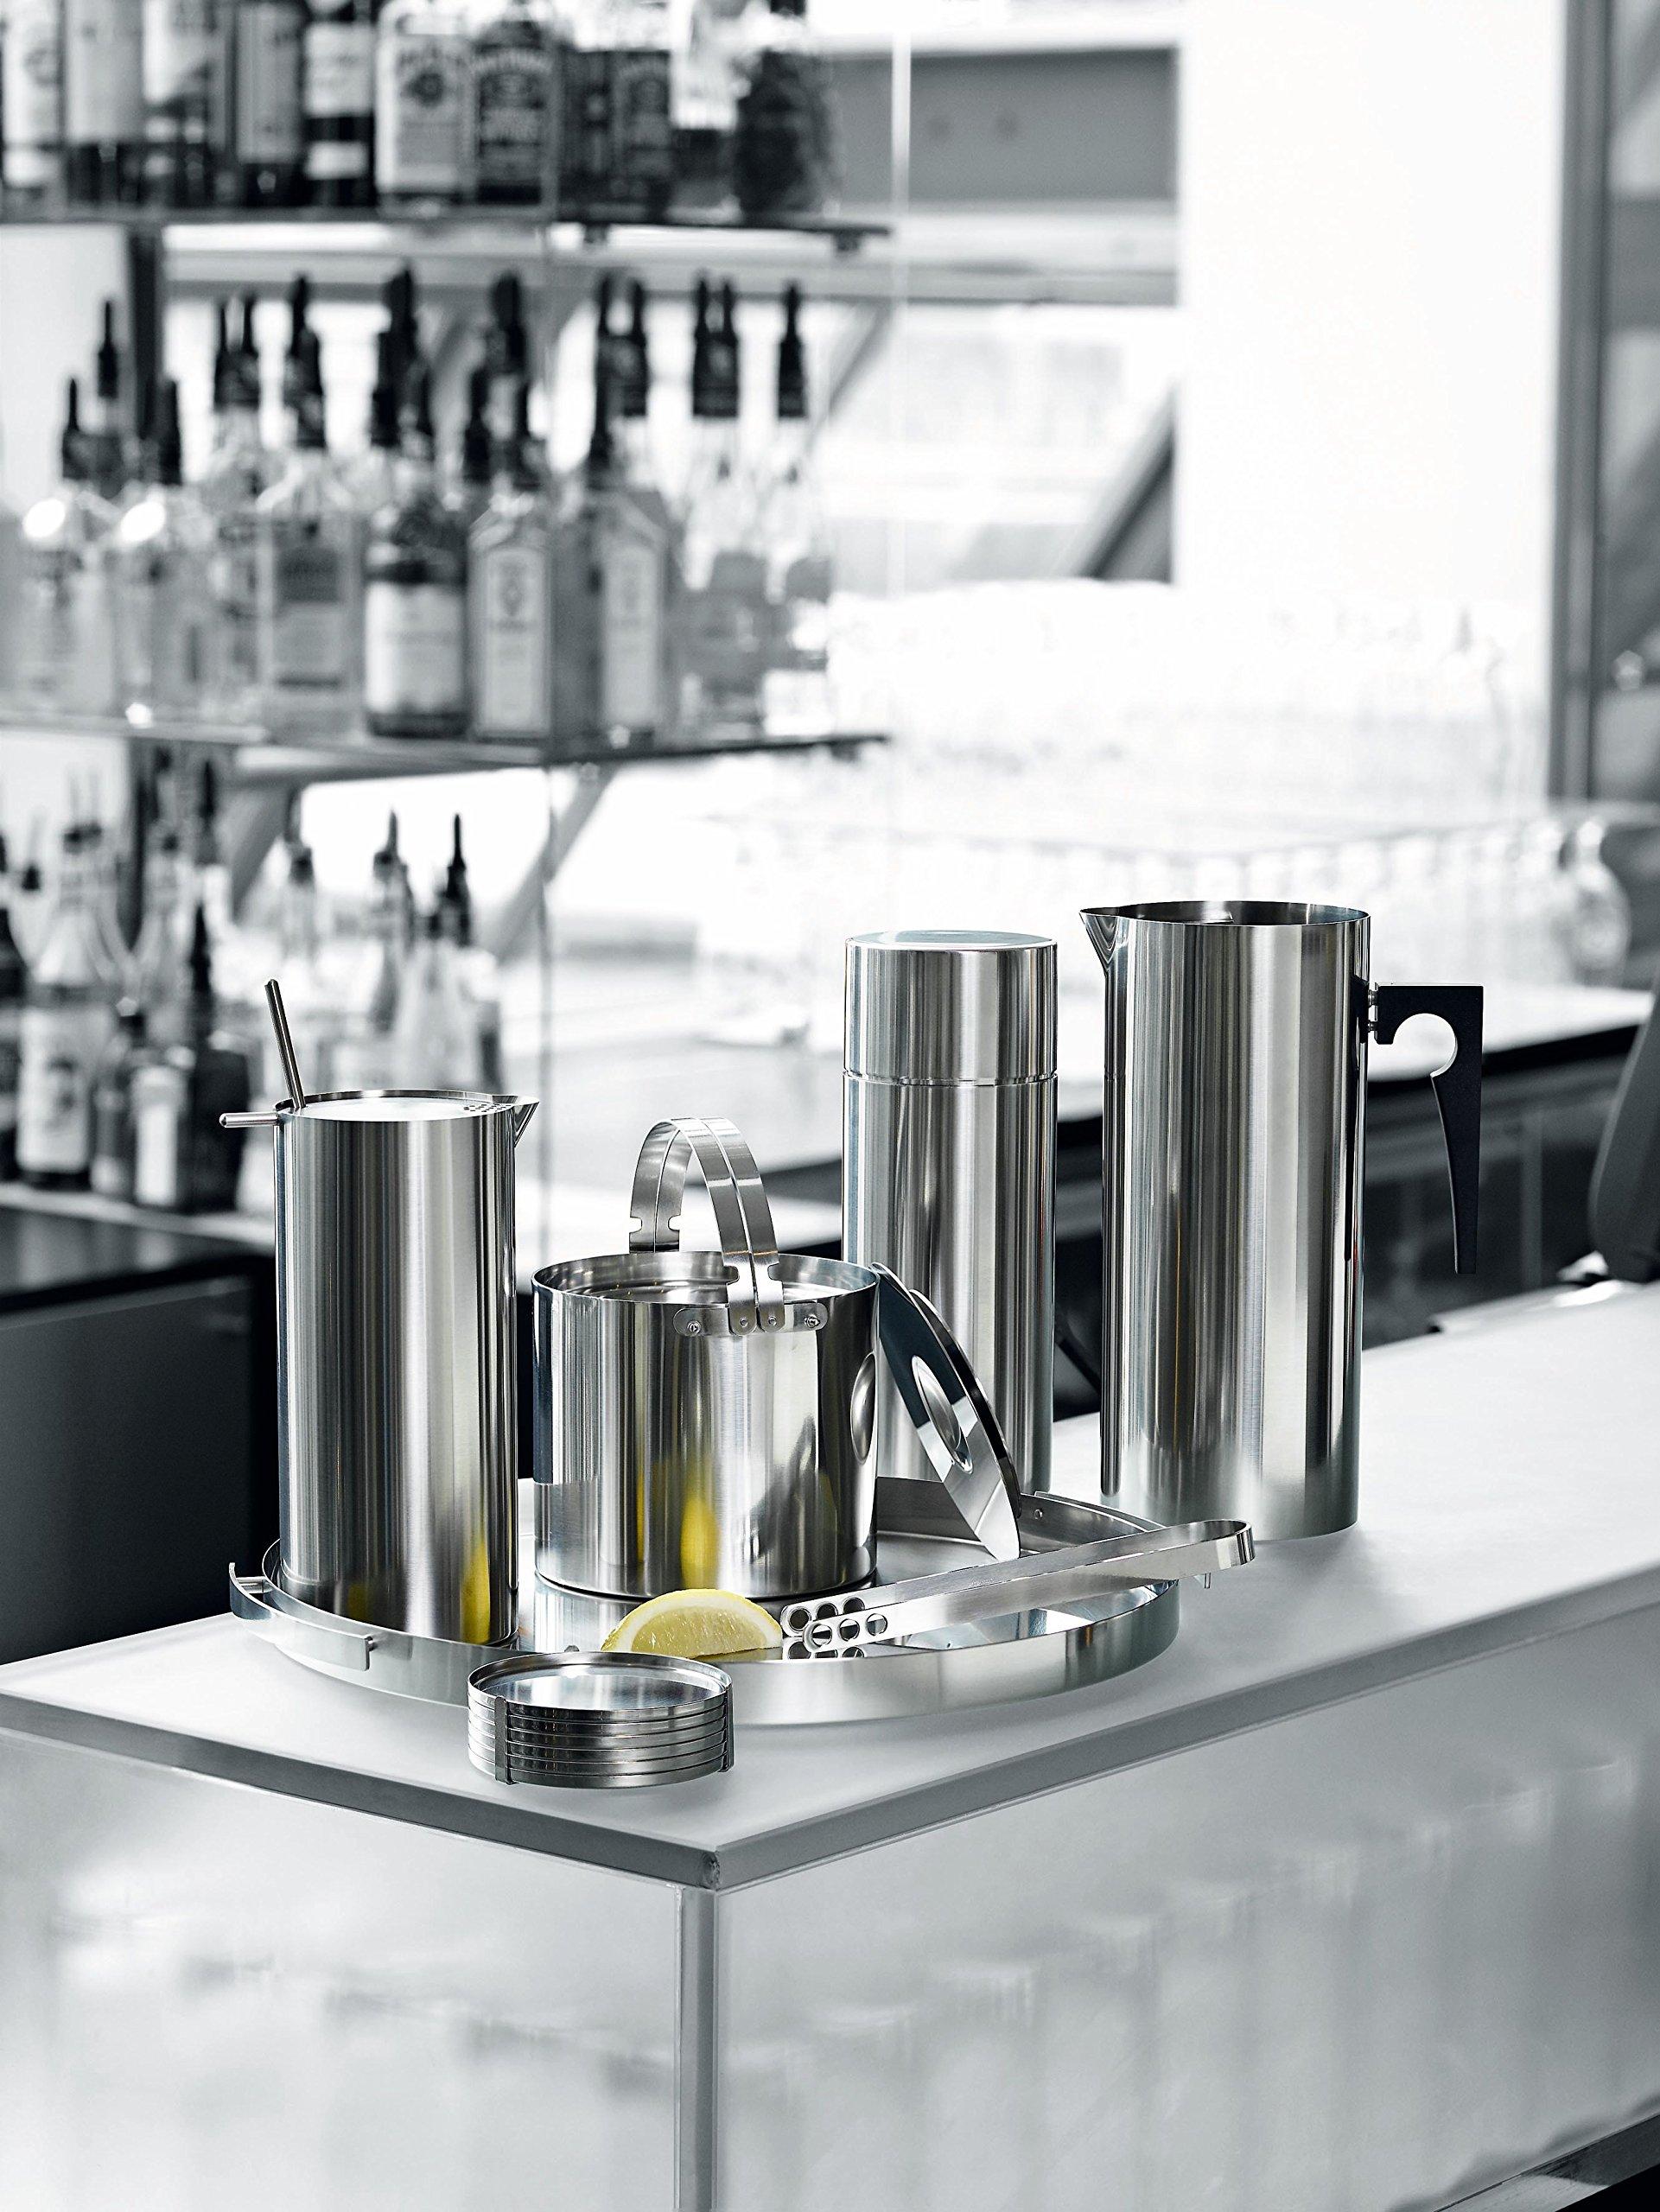 Stelton Arne Jacobsen Press Coffee Maker, 8 cups